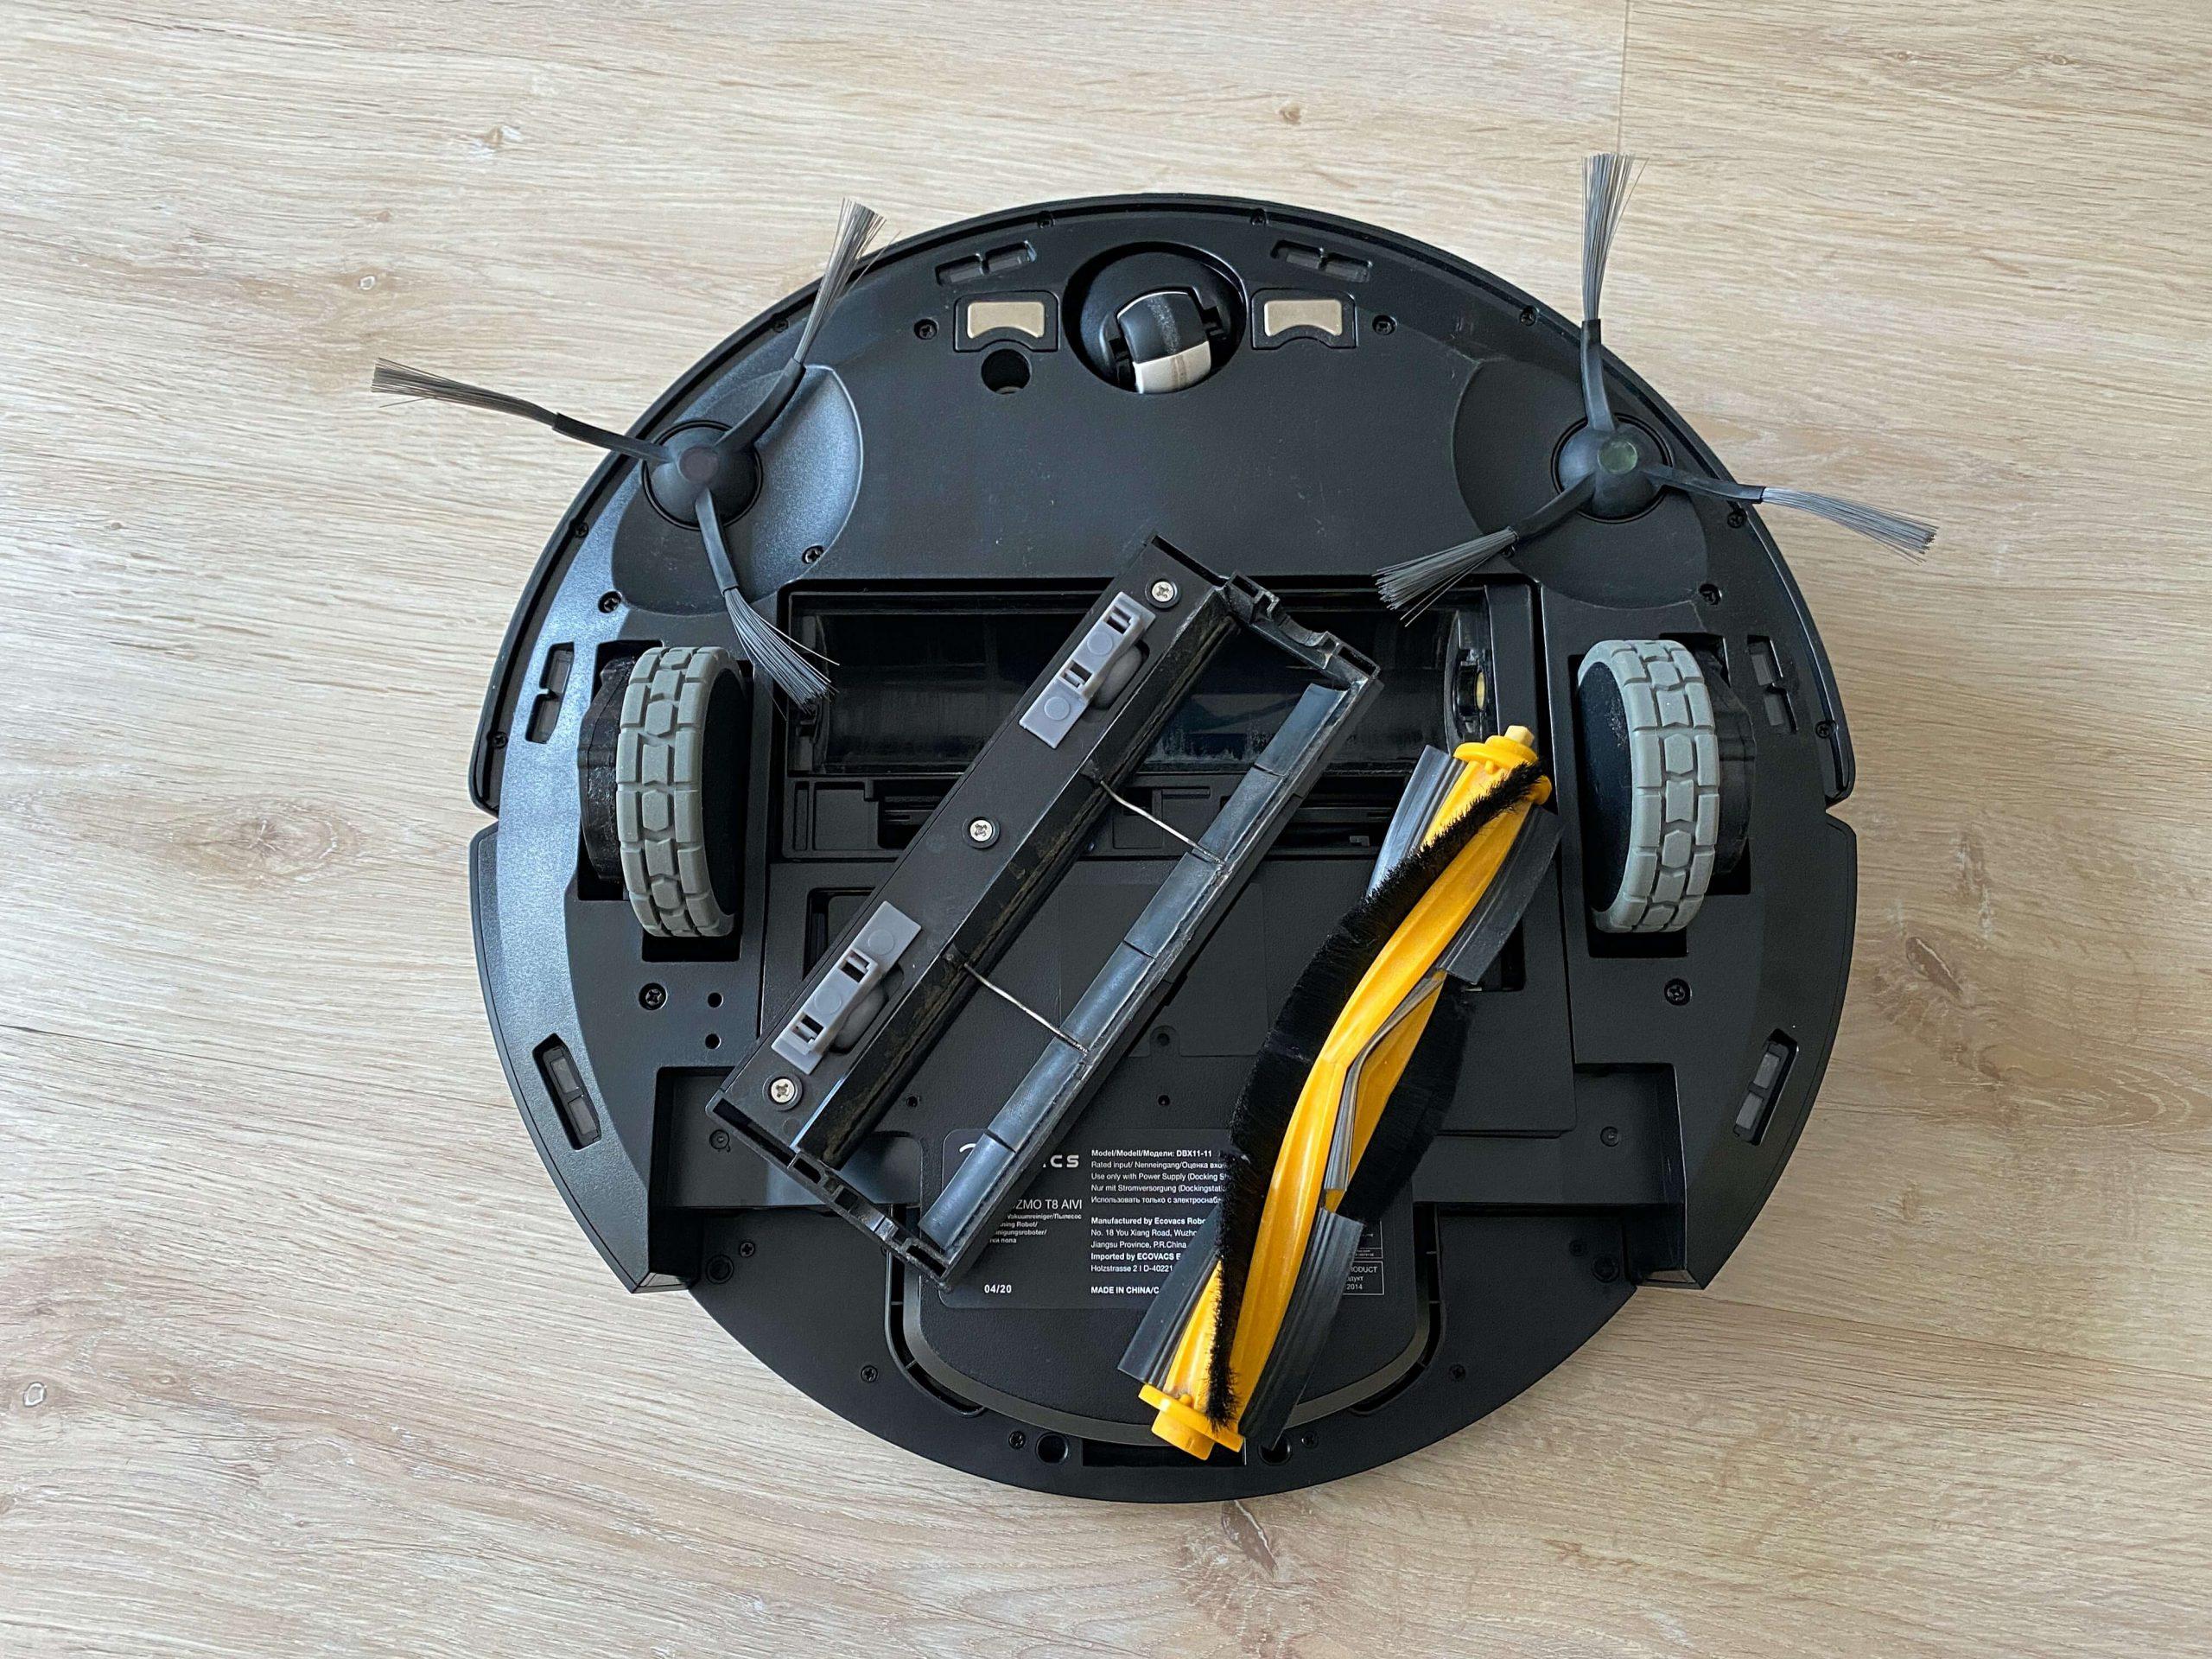 DEEBOT-OZMO-T8-AIVI-Saug-Wischroboter-von-Ecovacs-entleert-sich-von-alleine7-scaled DEEBOT OZMO T8 AIVI Saug- & Wischroboter von Ecovacs - intelligent reinigen lassen